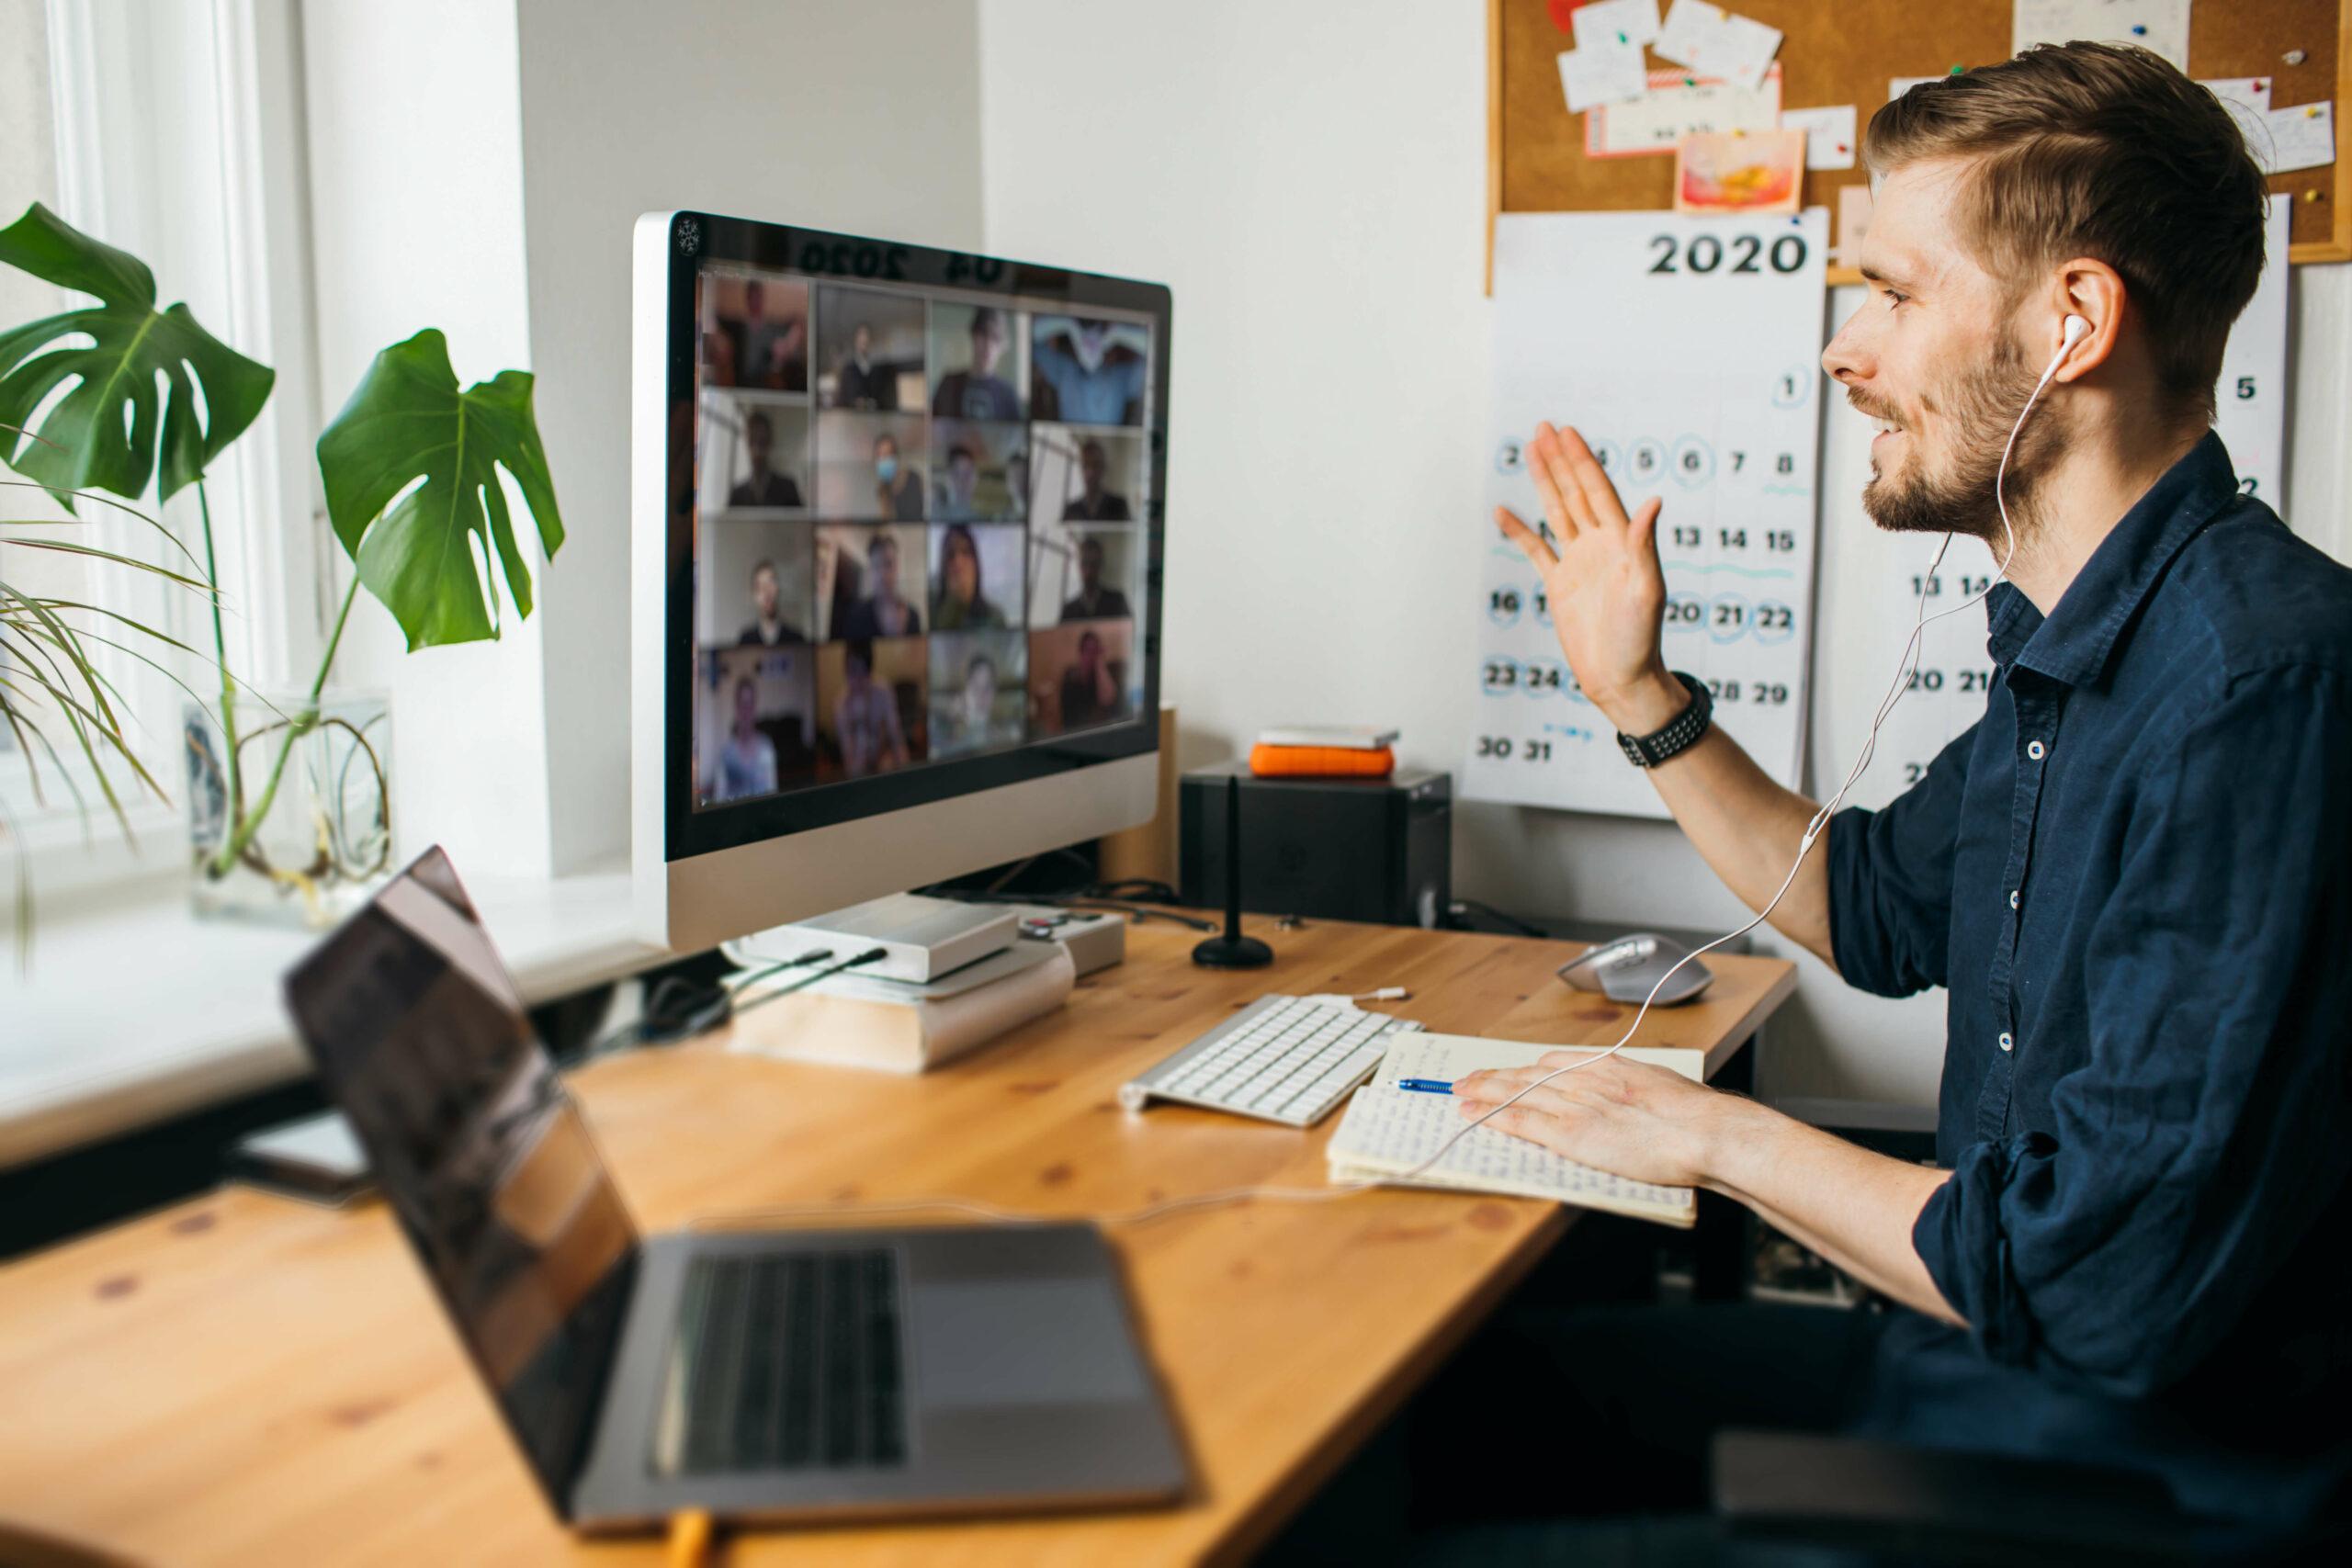 3 Teambuilding-Ideen, die auch virtuell Spaß machen